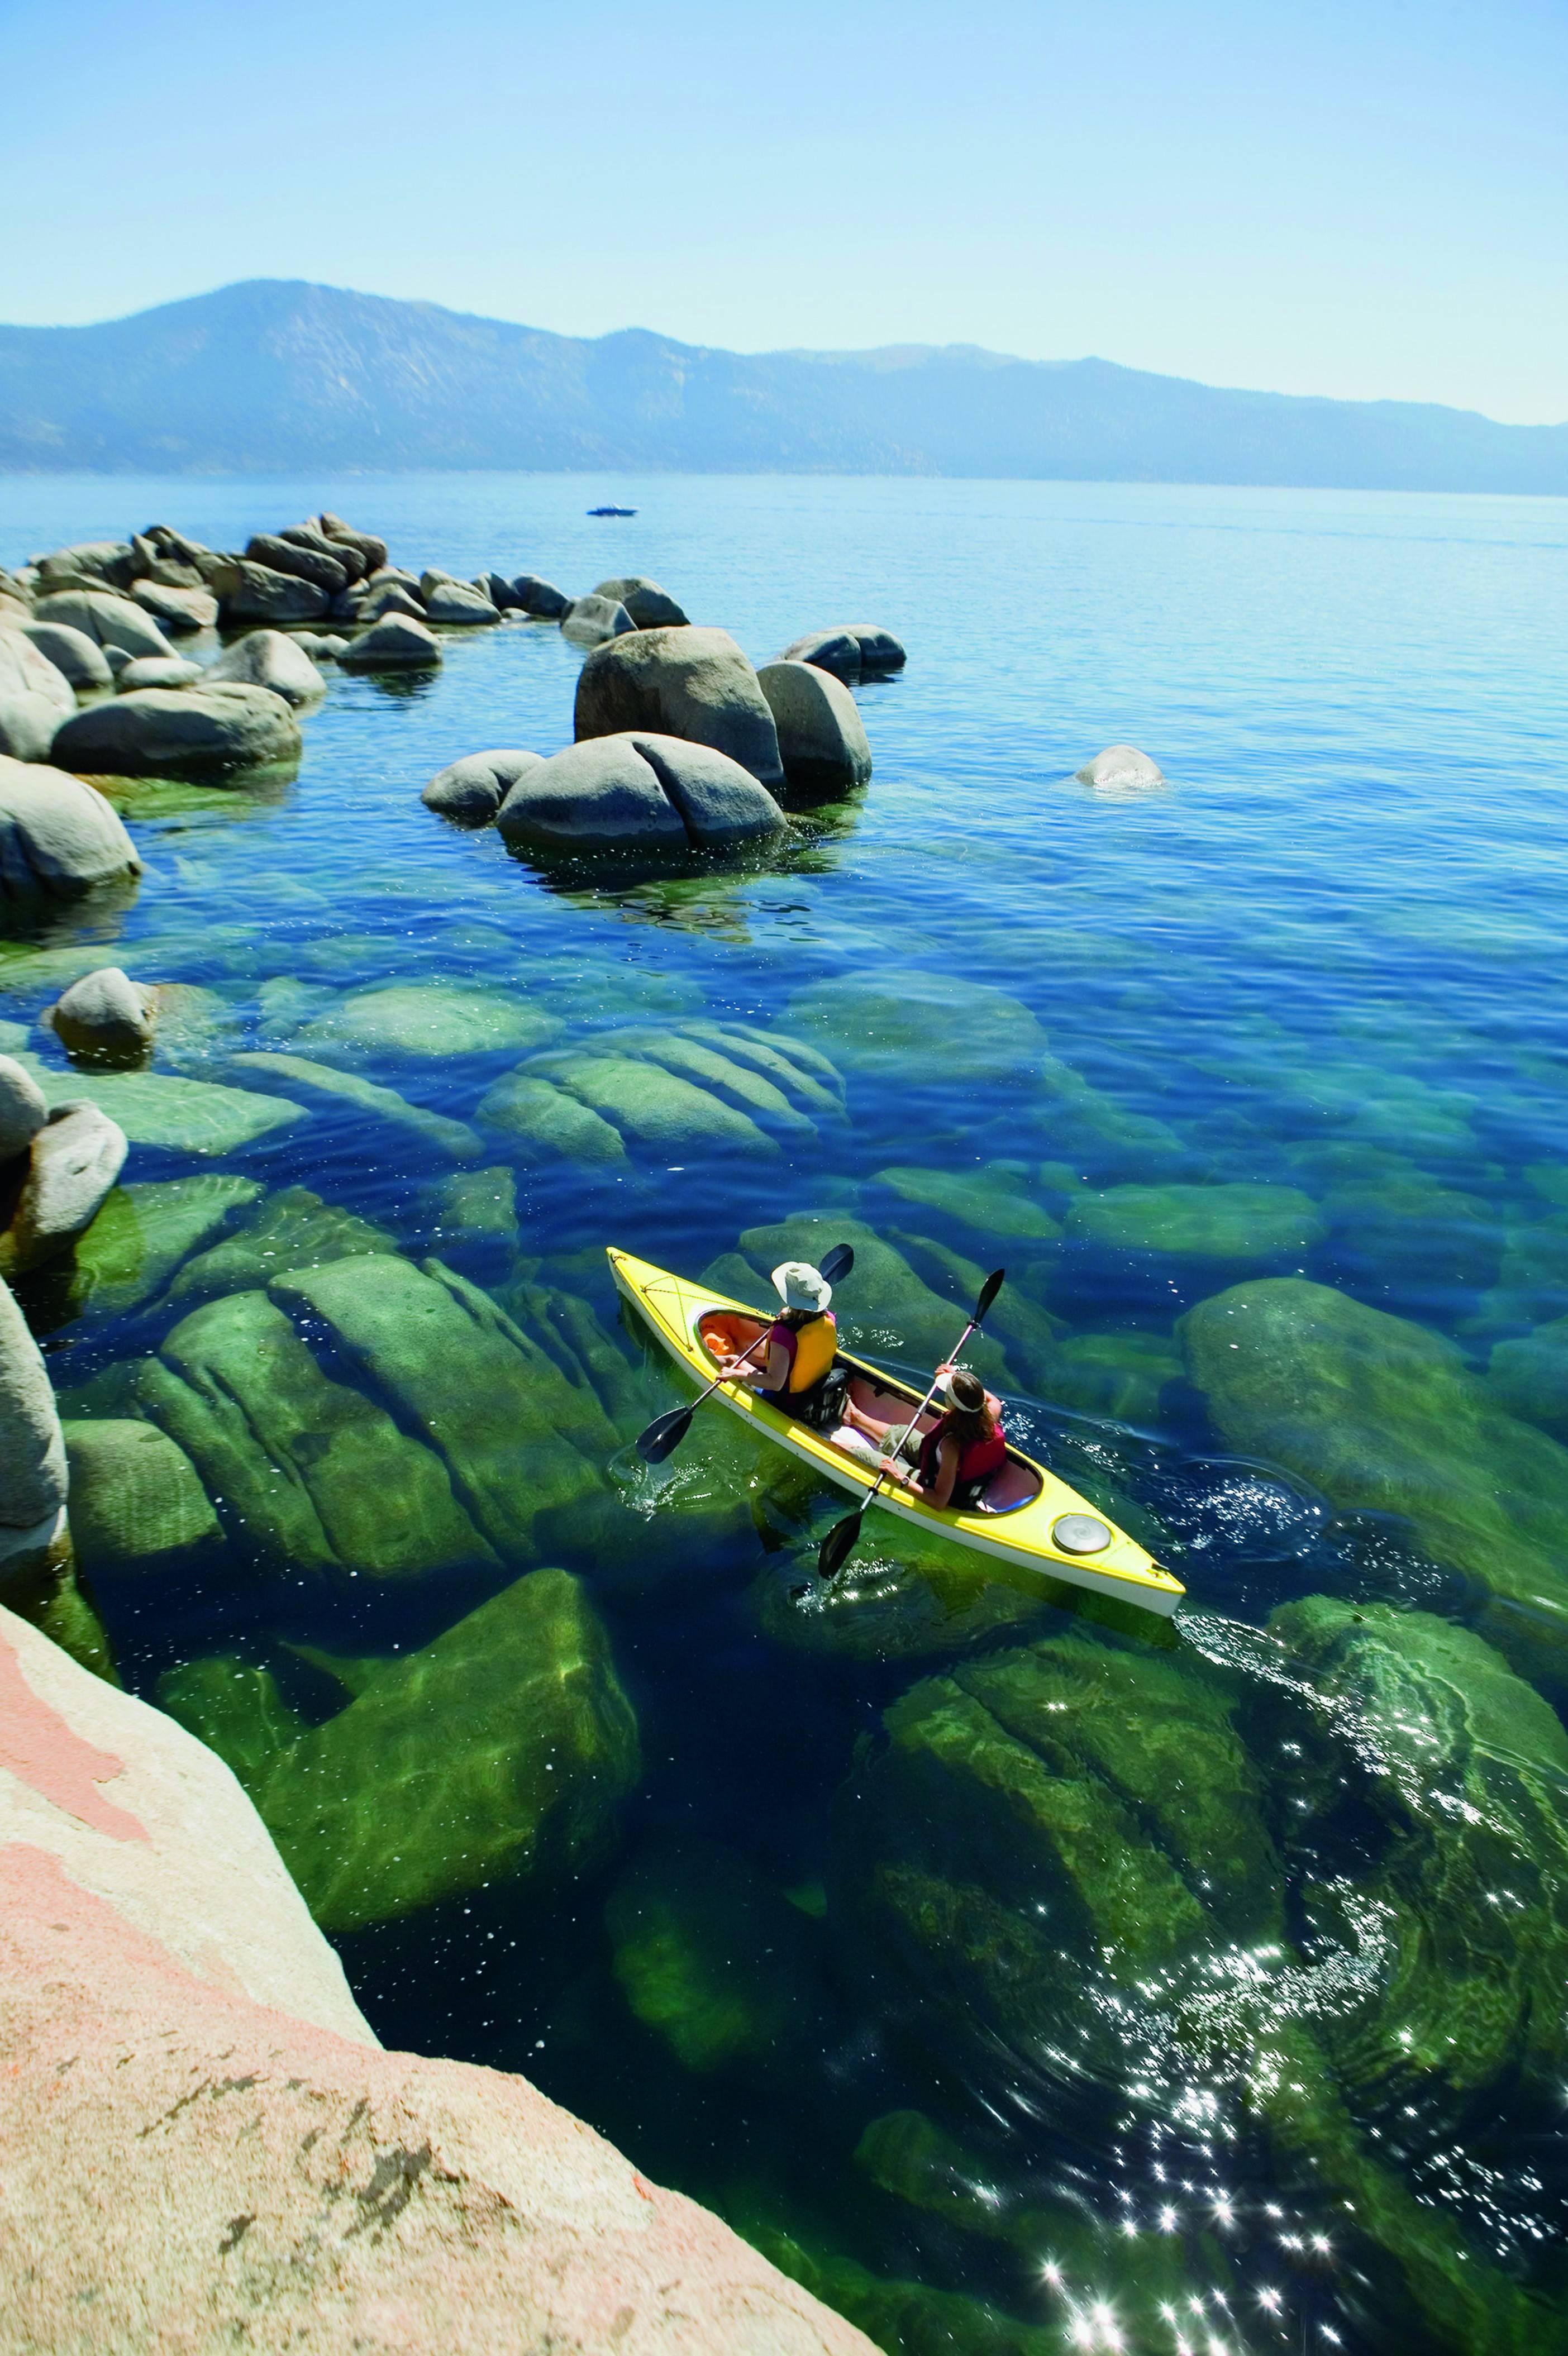 Kayakers on Lake Tahoe